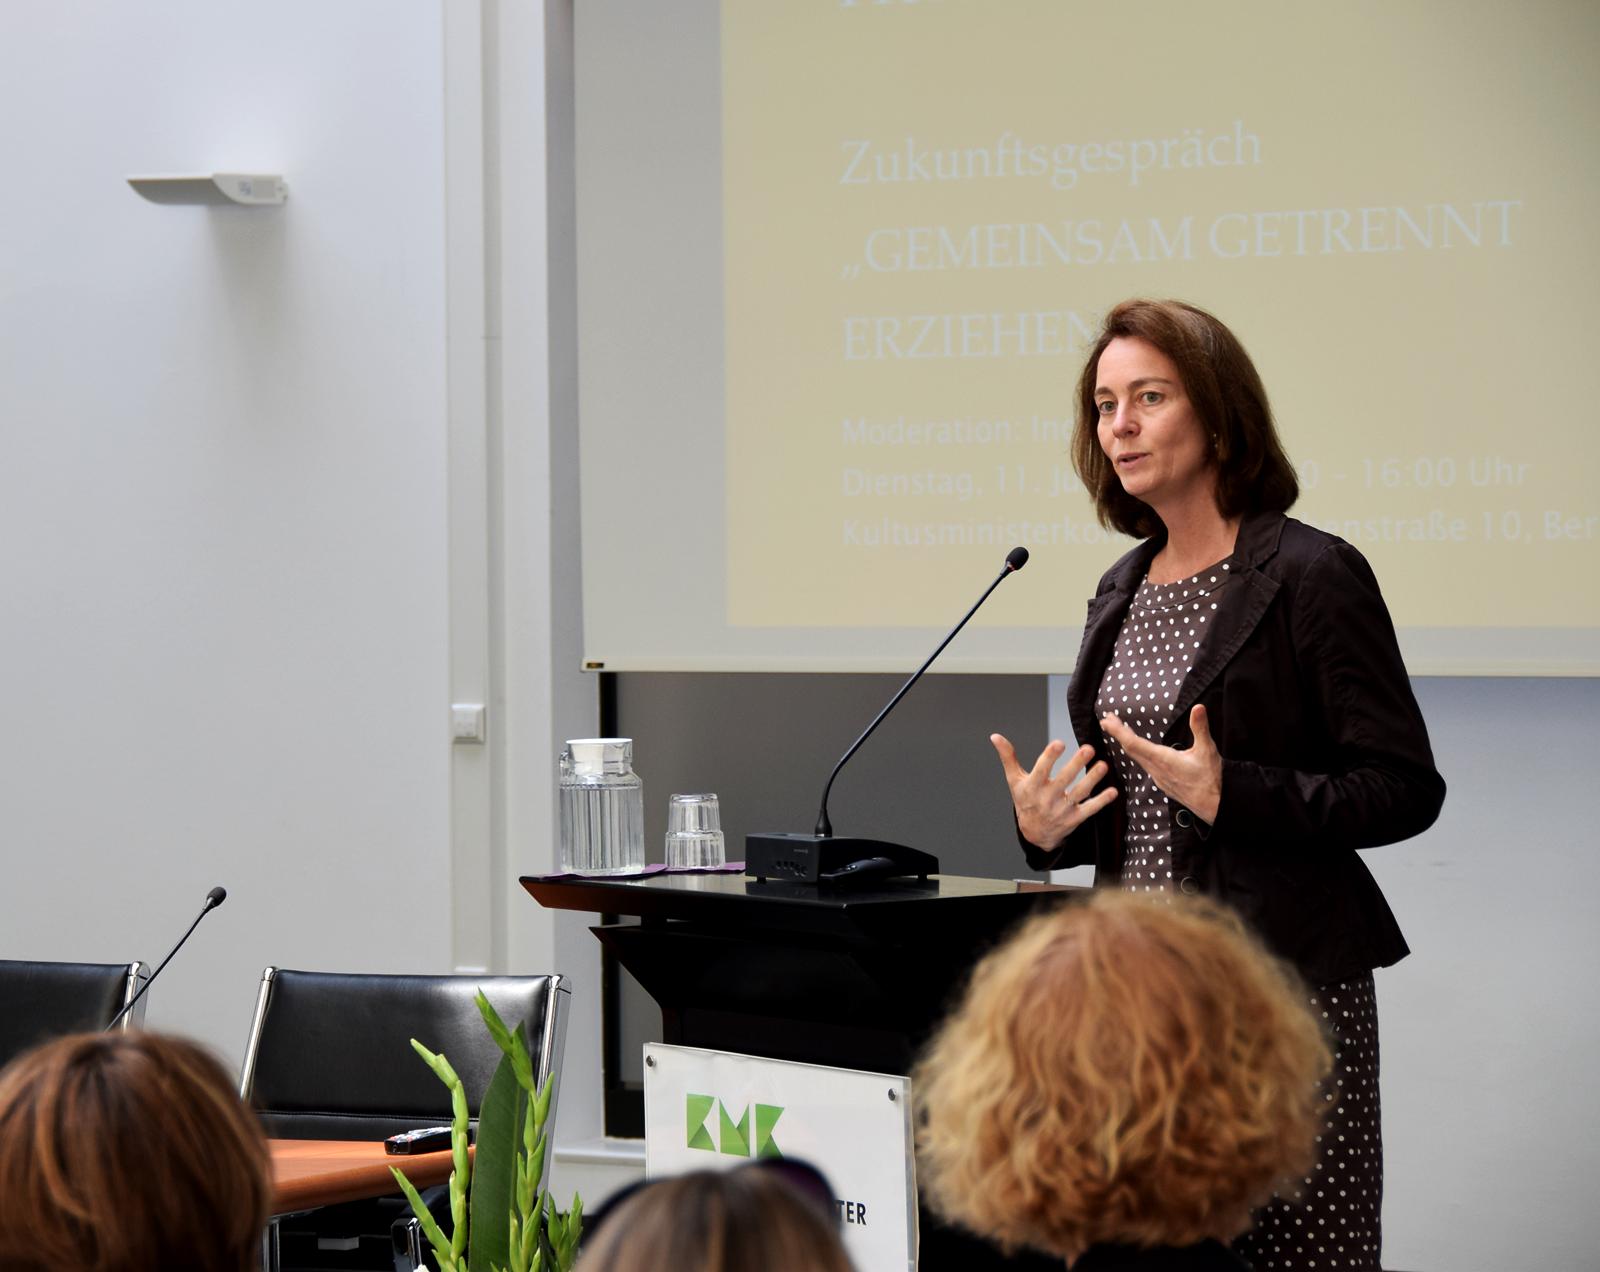 Dr. Katarina Barley spricht an einem Rednerpult